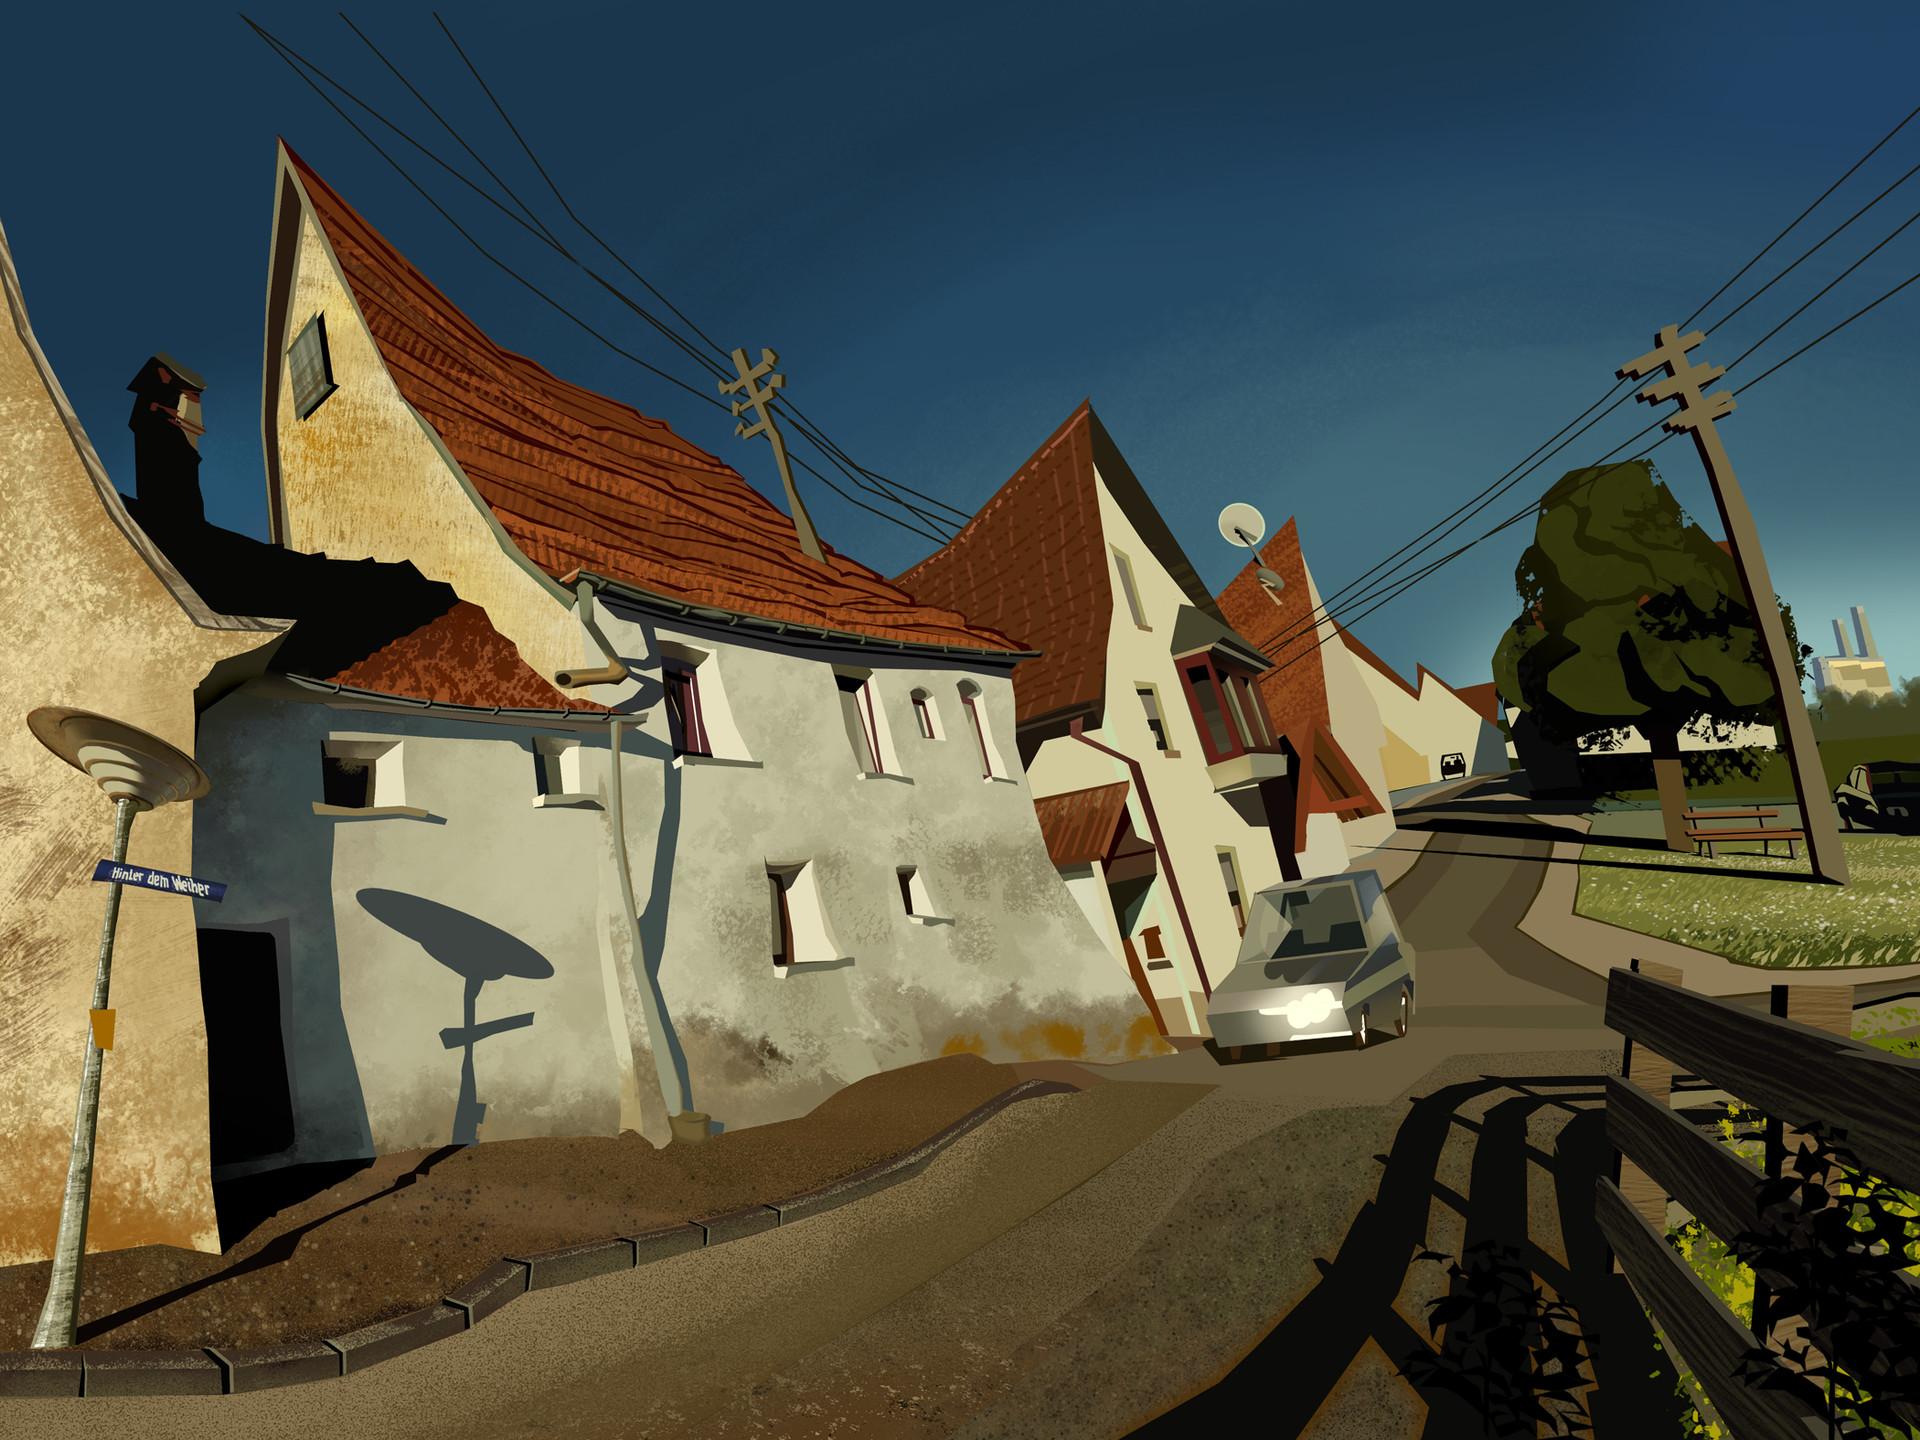 Harald ardeias village street